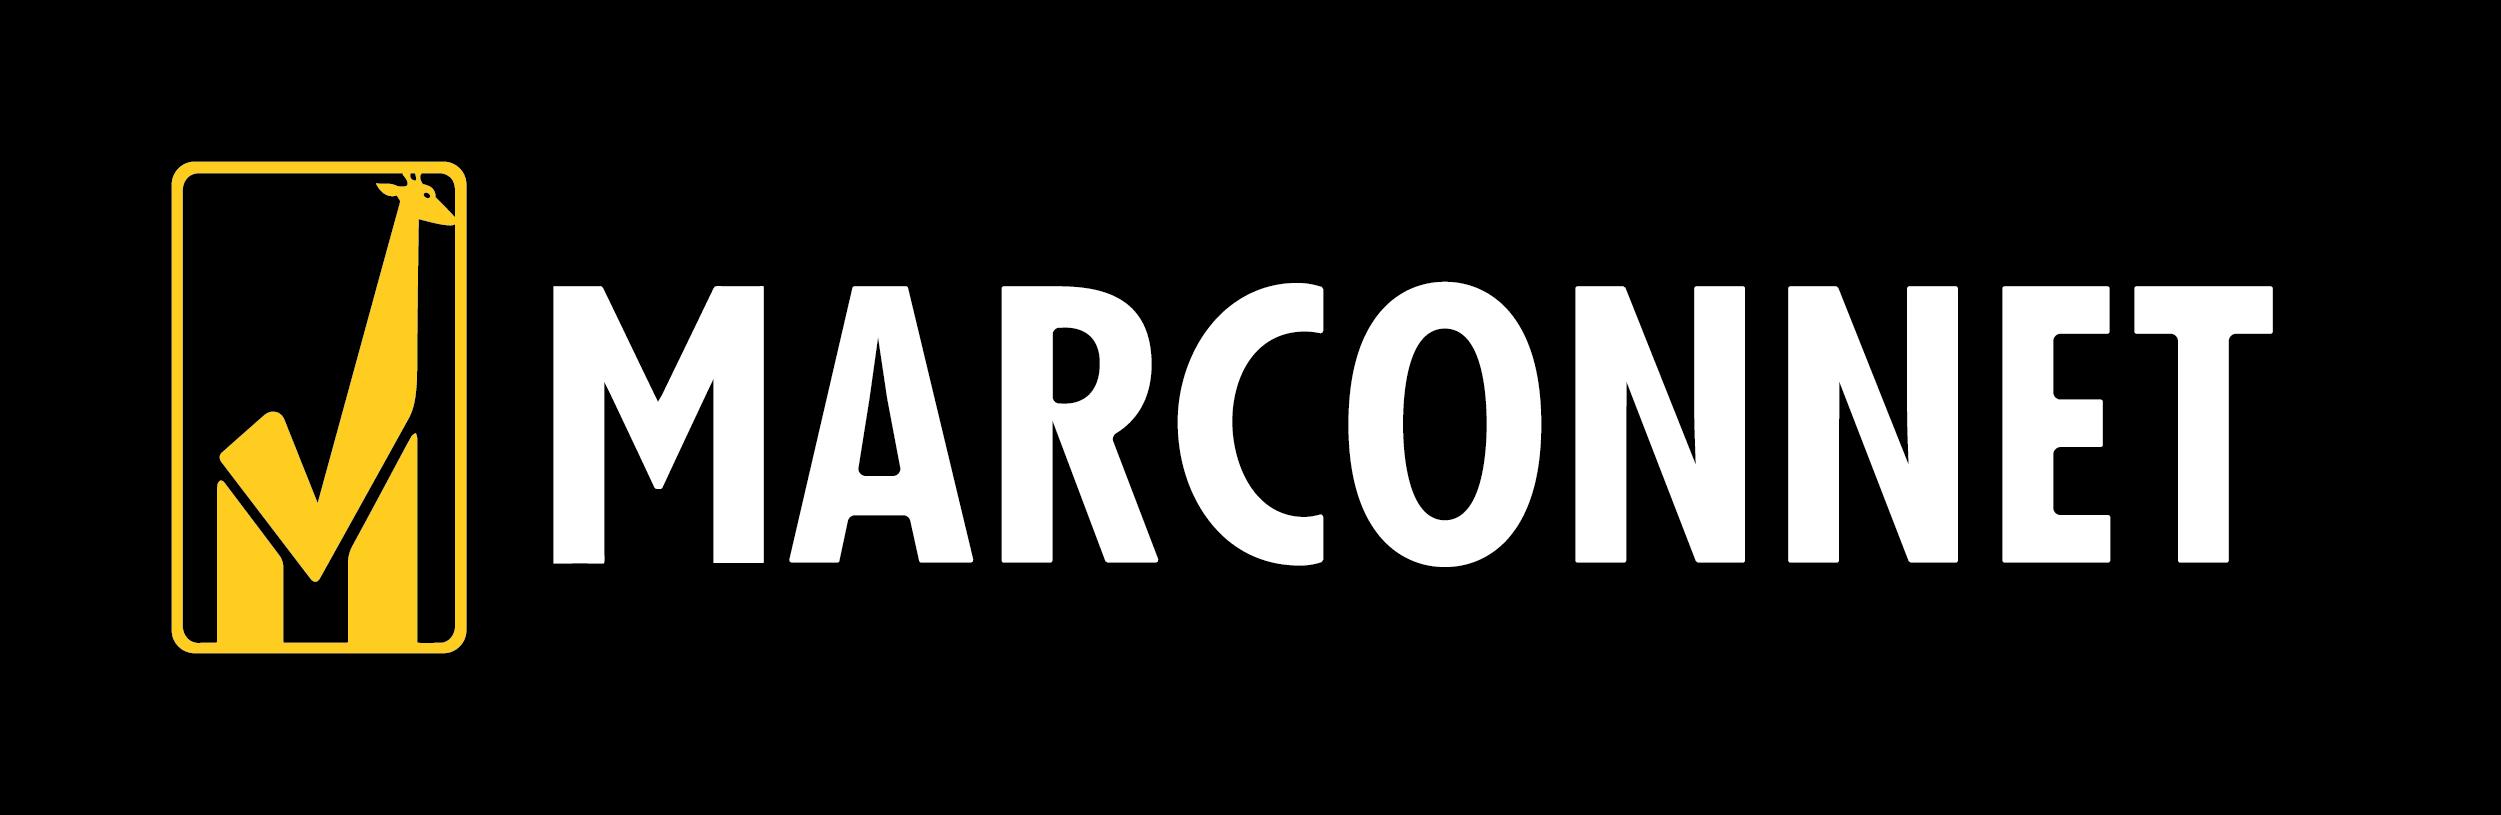 Marconnet